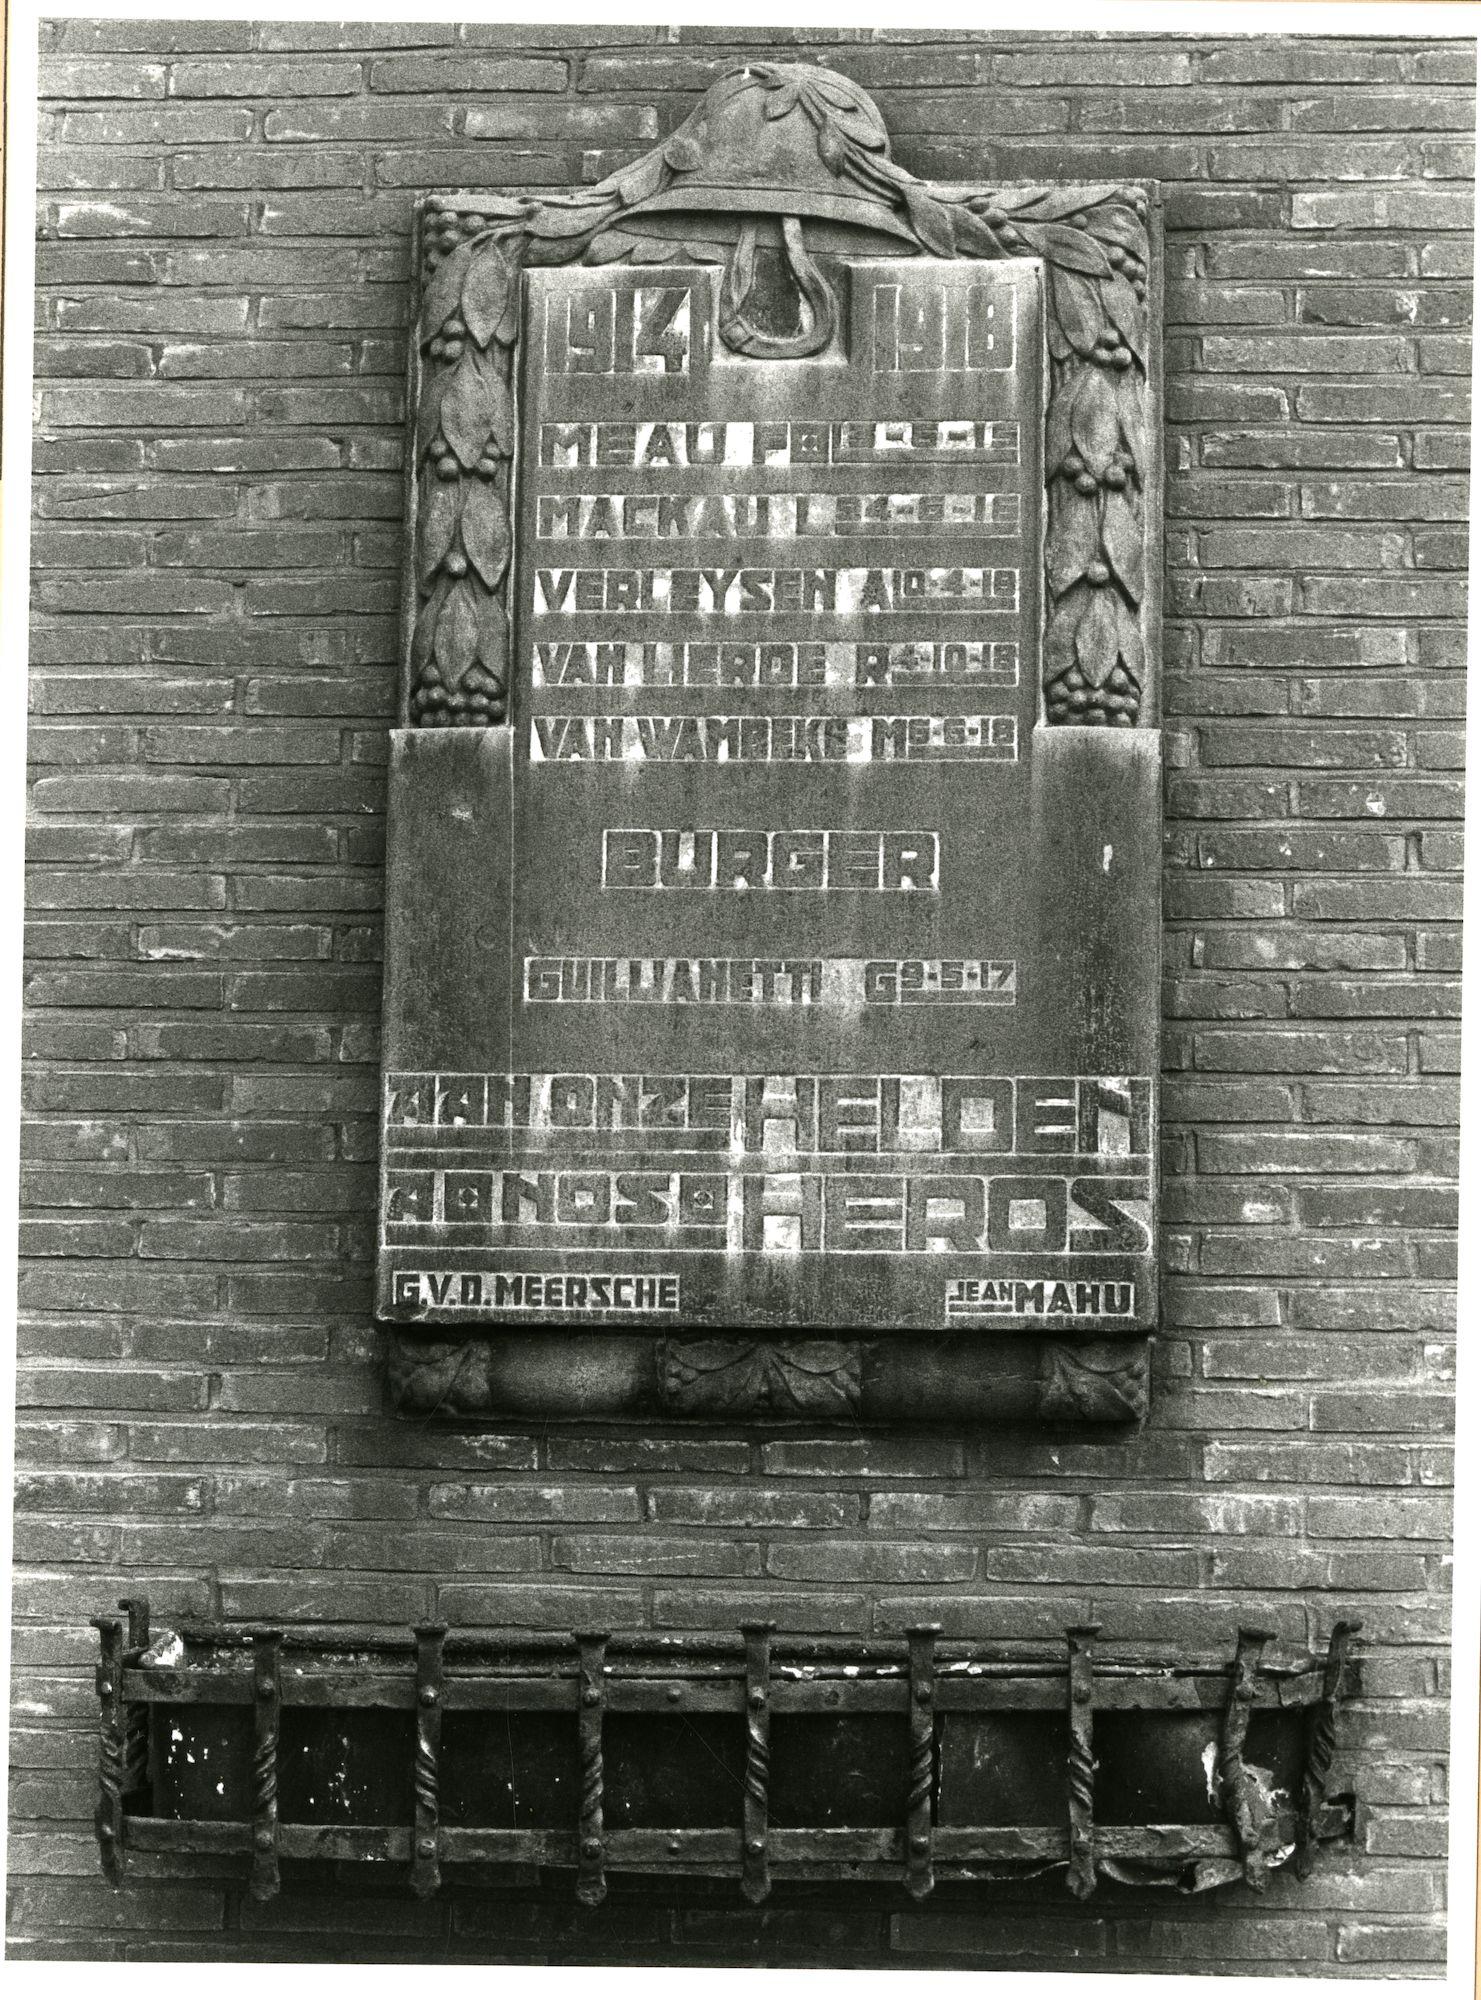 Gent: Raapstraat: Gedenksteen, 1980